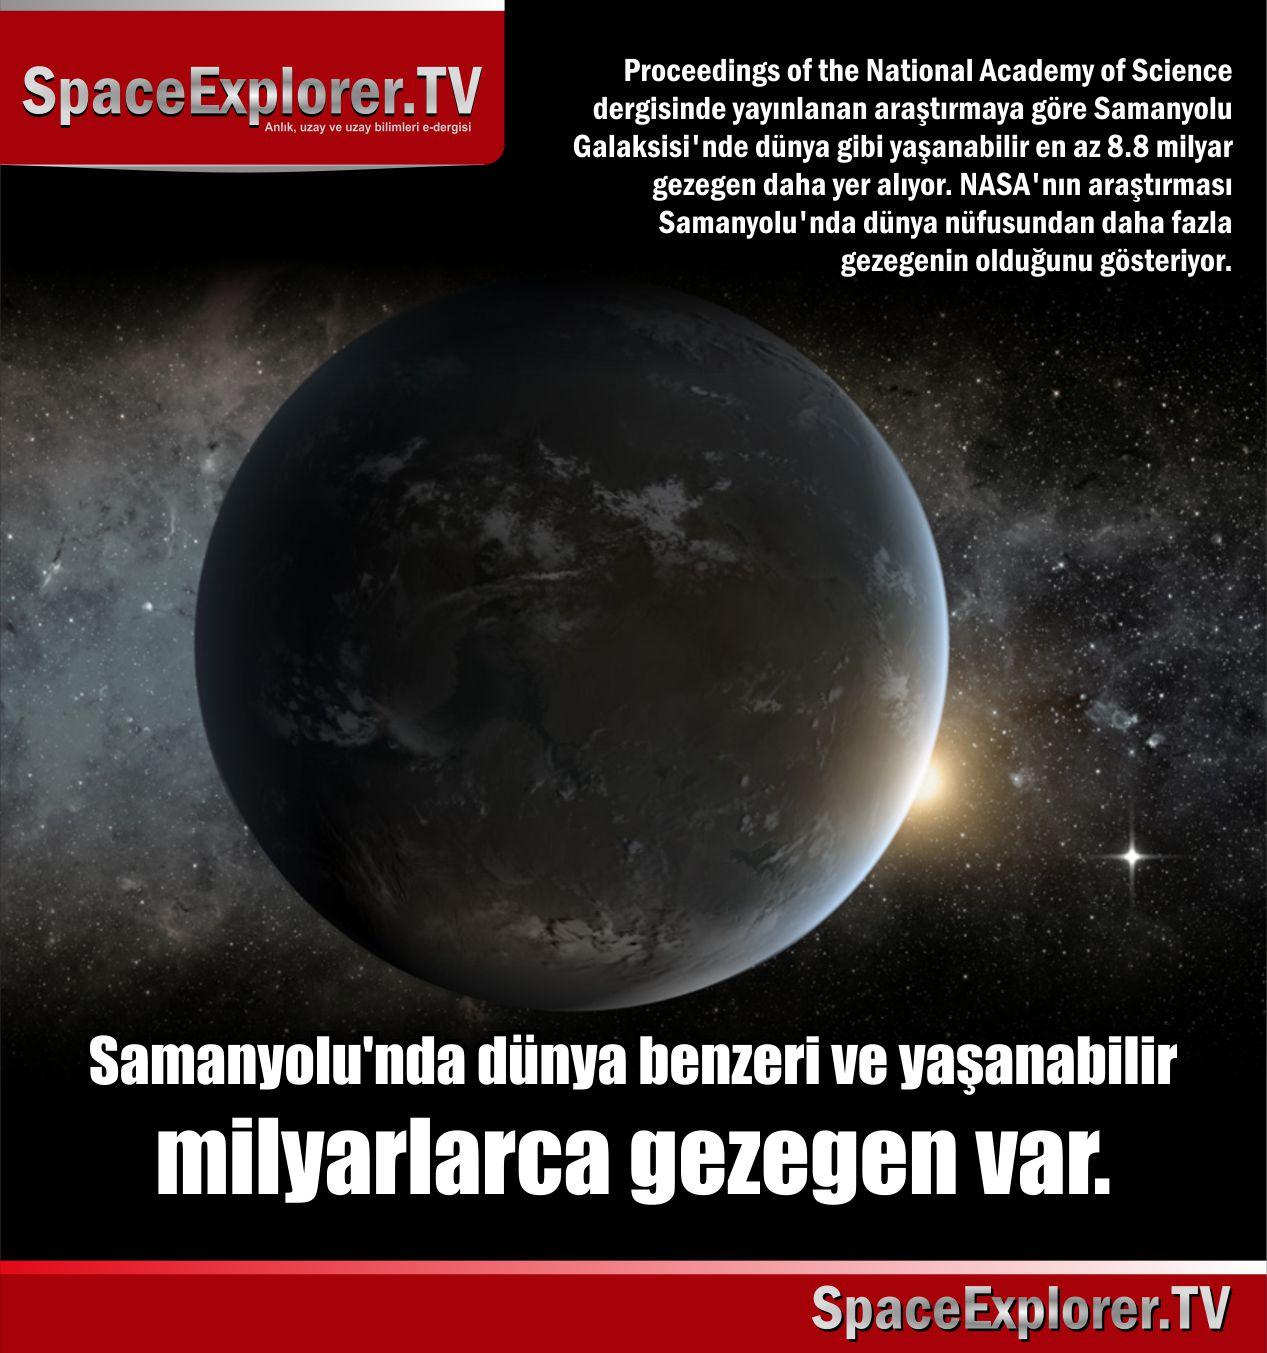 Samanyolu galaksisi, Dünya benzeri gezegenler, Su bulunan gezegenler, Dünyanın ikizleri, Hayat olabilecek gezegenler, Space Explorer, Yaşama elverişli gezegenler, NASA,